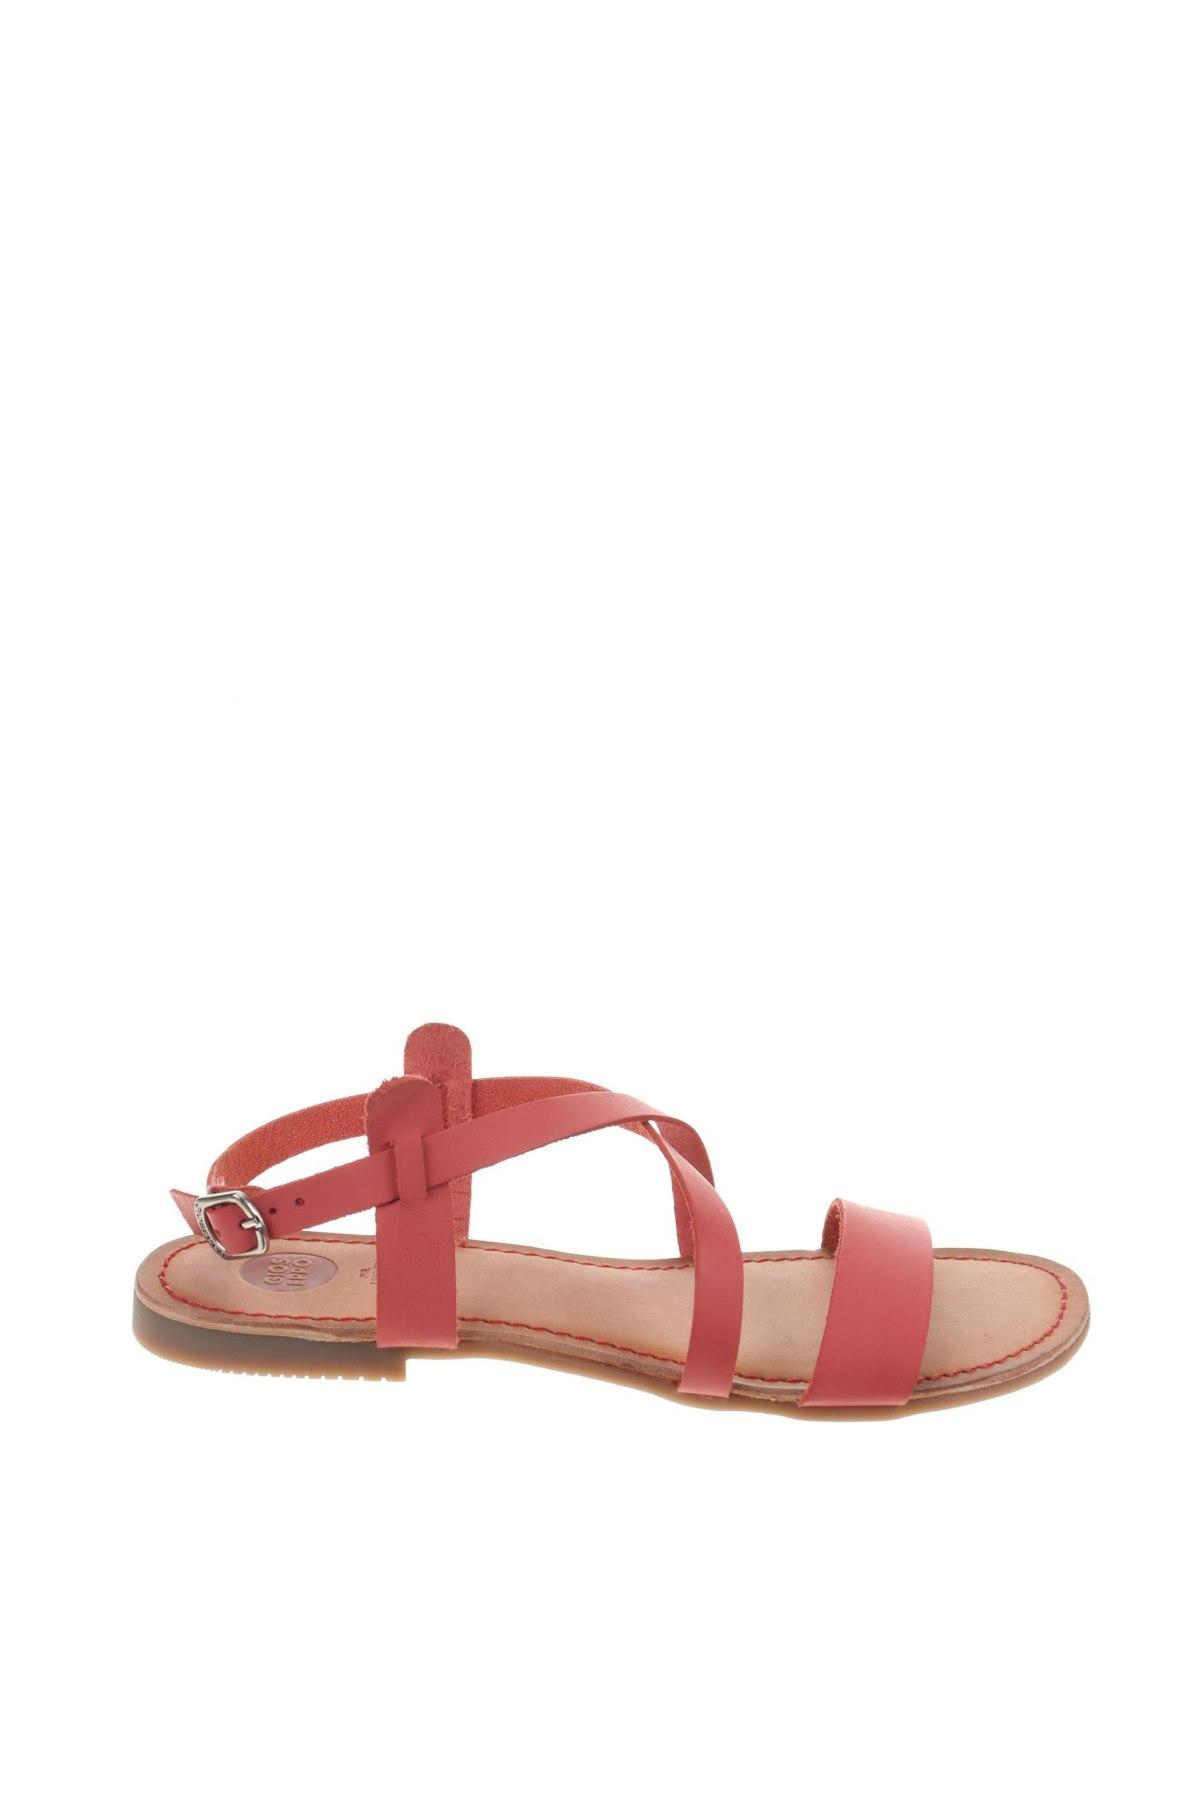 Σανδάλια Gioseppo, Μέγεθος 38, Χρώμα Ρόζ , Γνήσιο δέρμα, Τιμή 23,82€